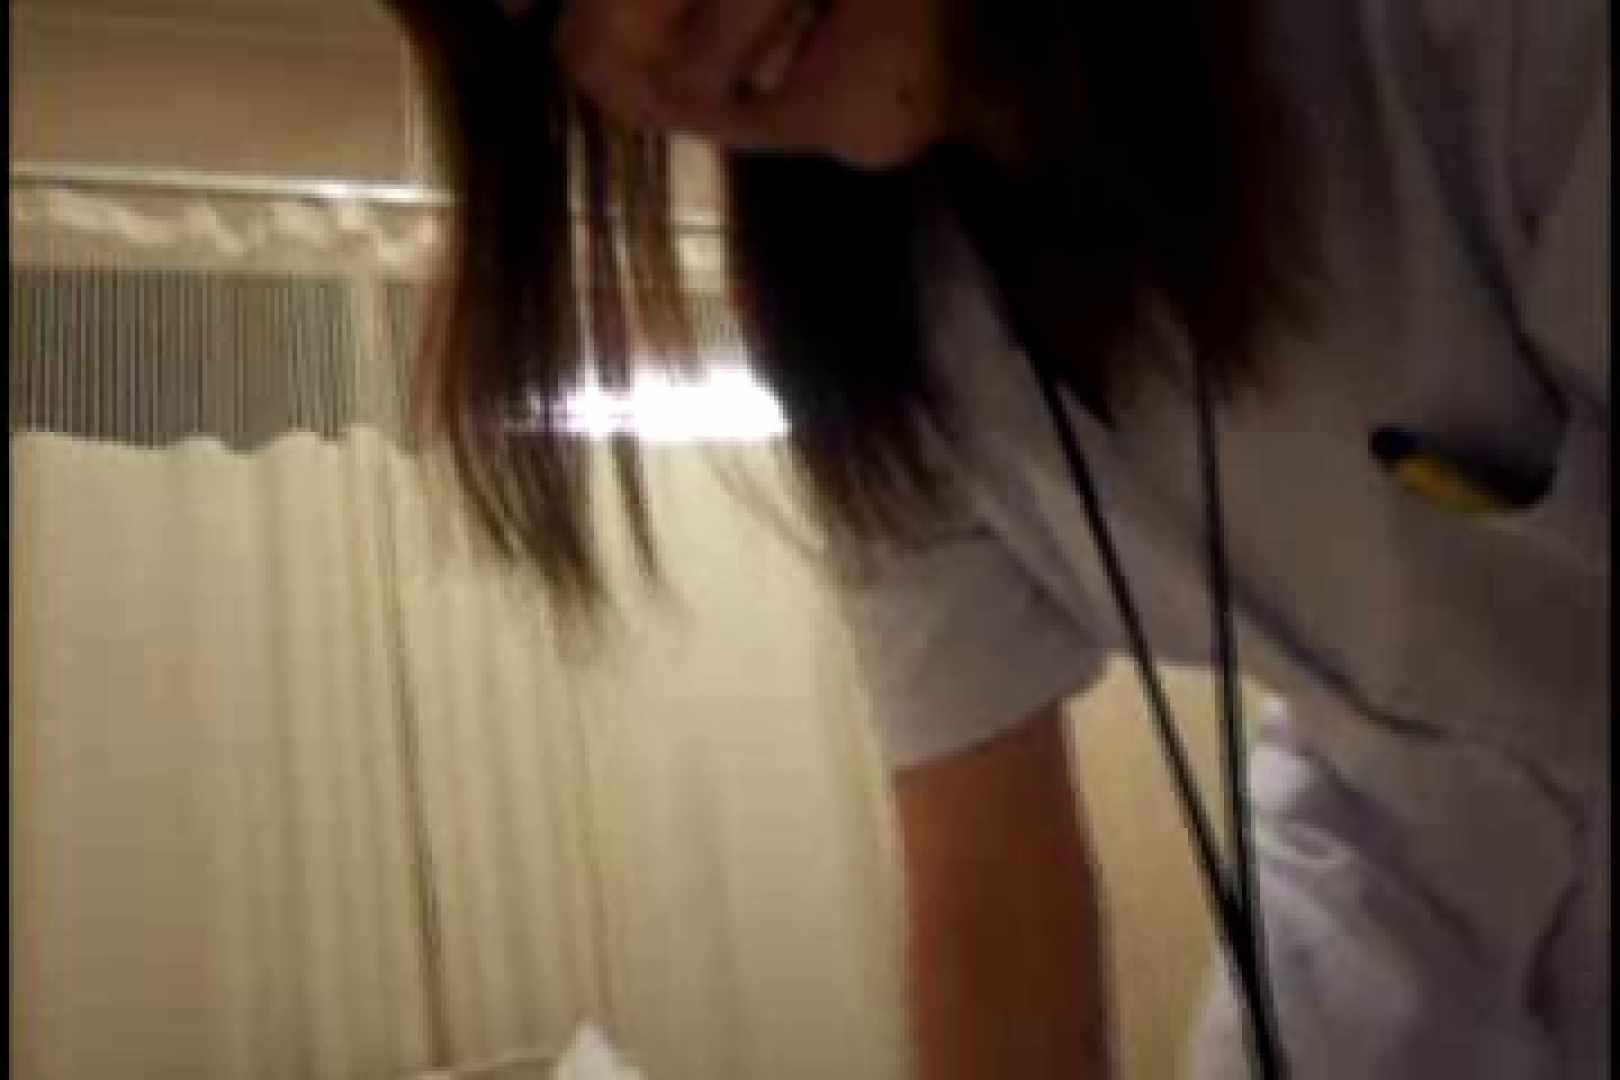 ヤリマンと呼ばれた看護士さんvol1 エッチなOL 濡れ場動画紹介 93pic 53